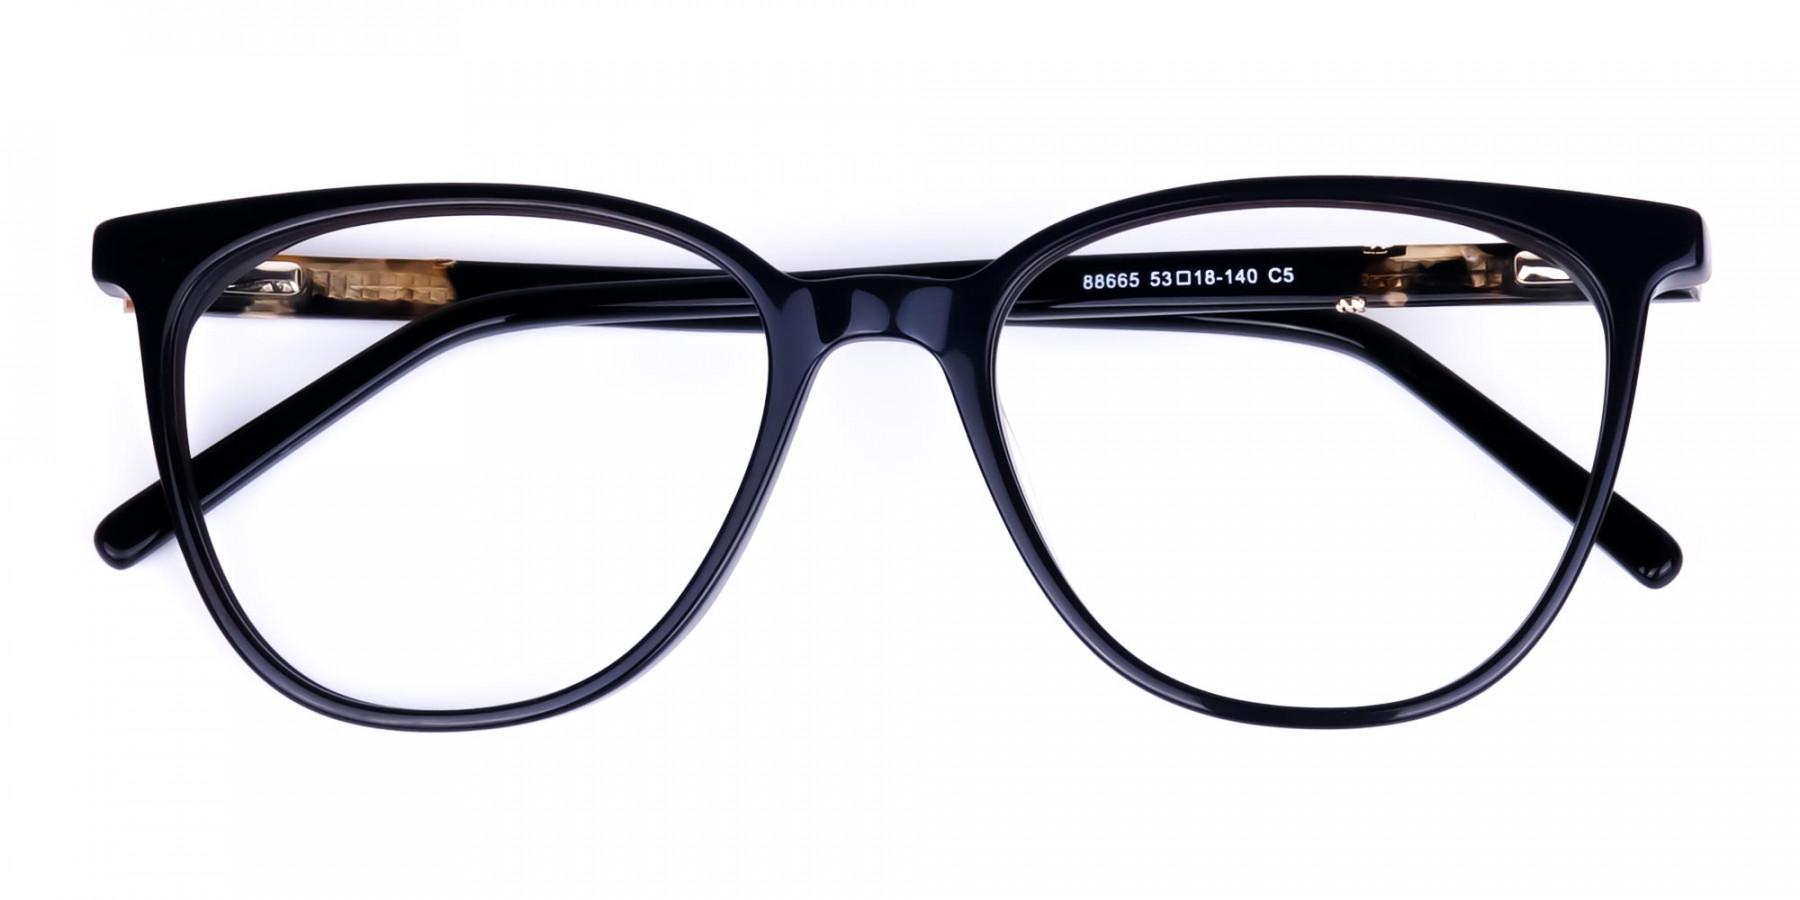 brown tortoise shell glasses - 1